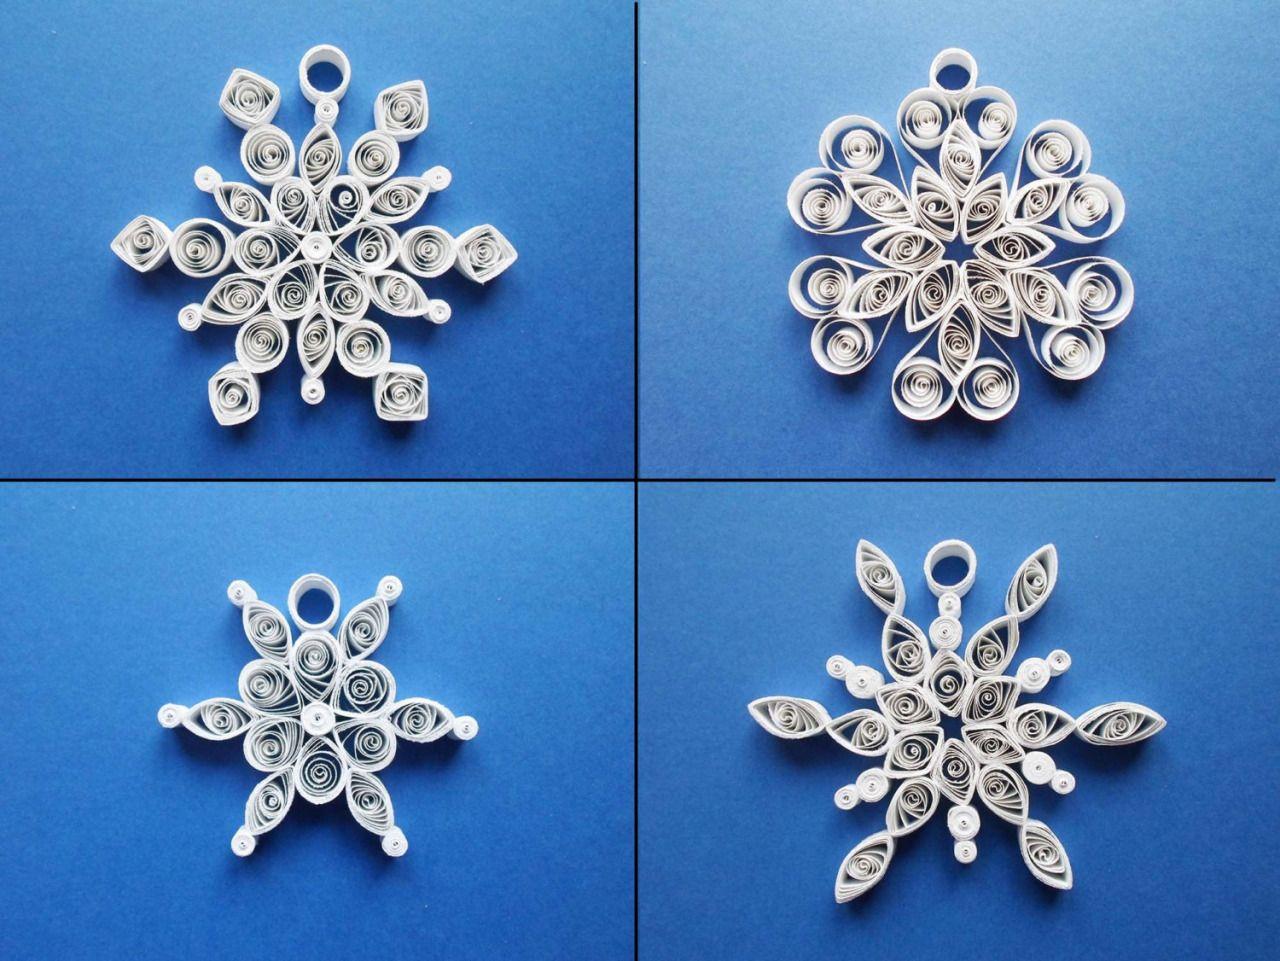 Fiocchi Di Neve Di Carta Tutorial : Set of paper quilled snowflake decorations fiocchi di neve